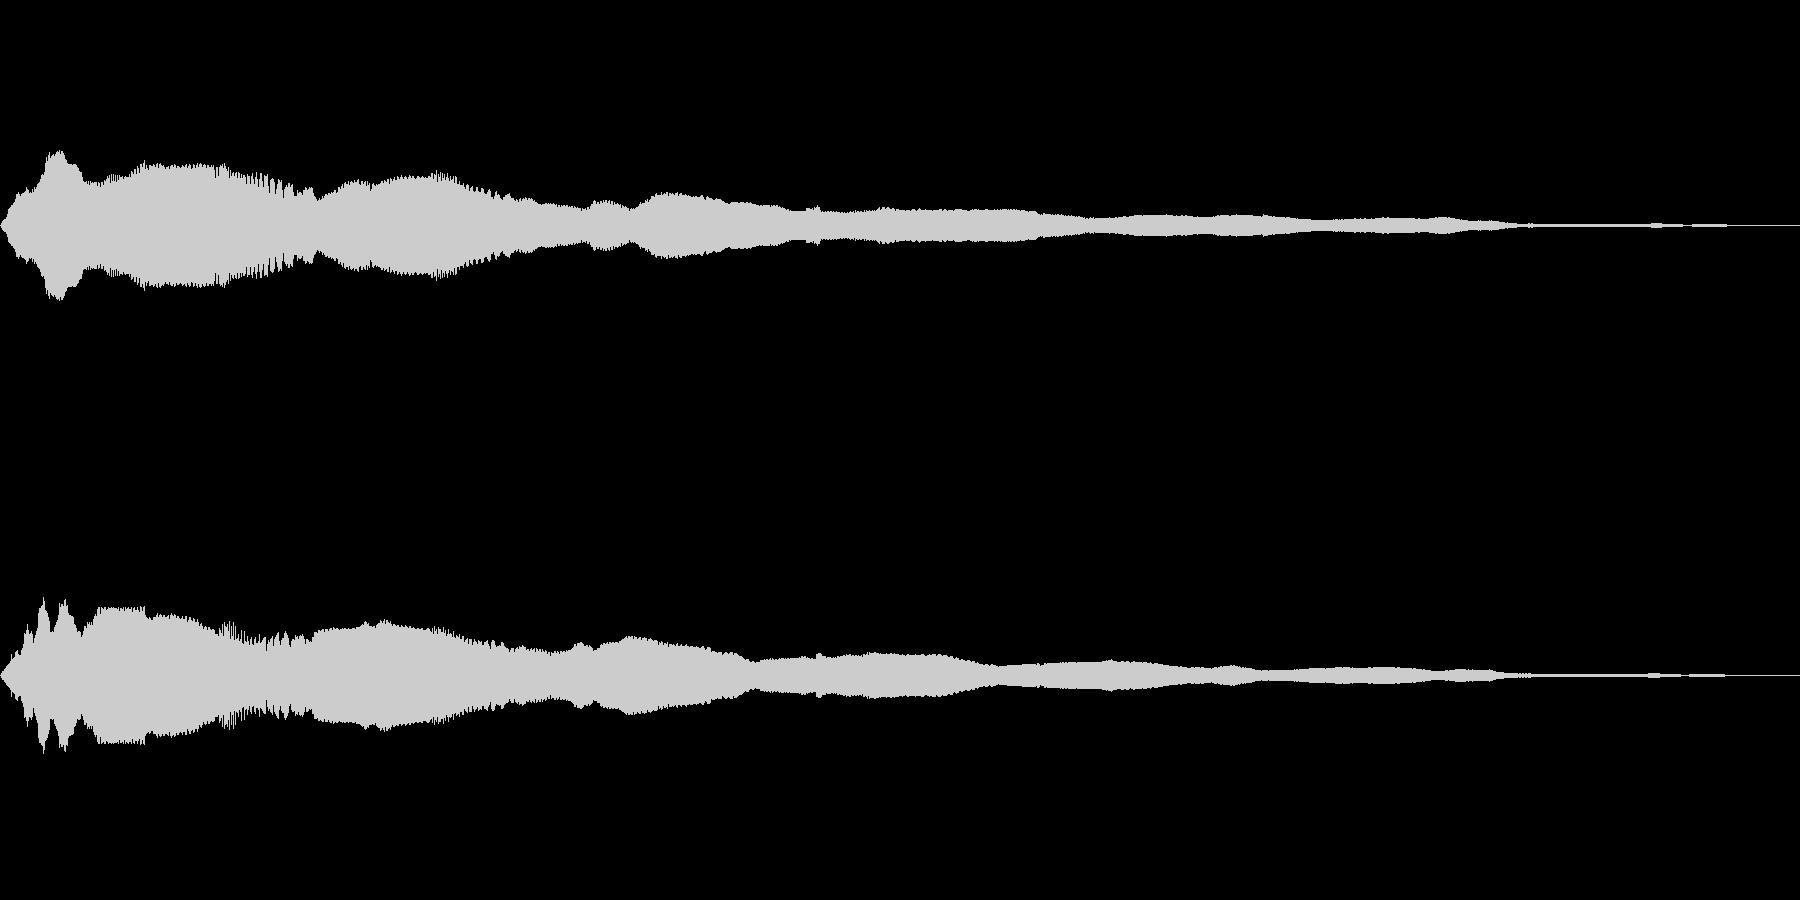 キラーン(8bit風)の未再生の波形